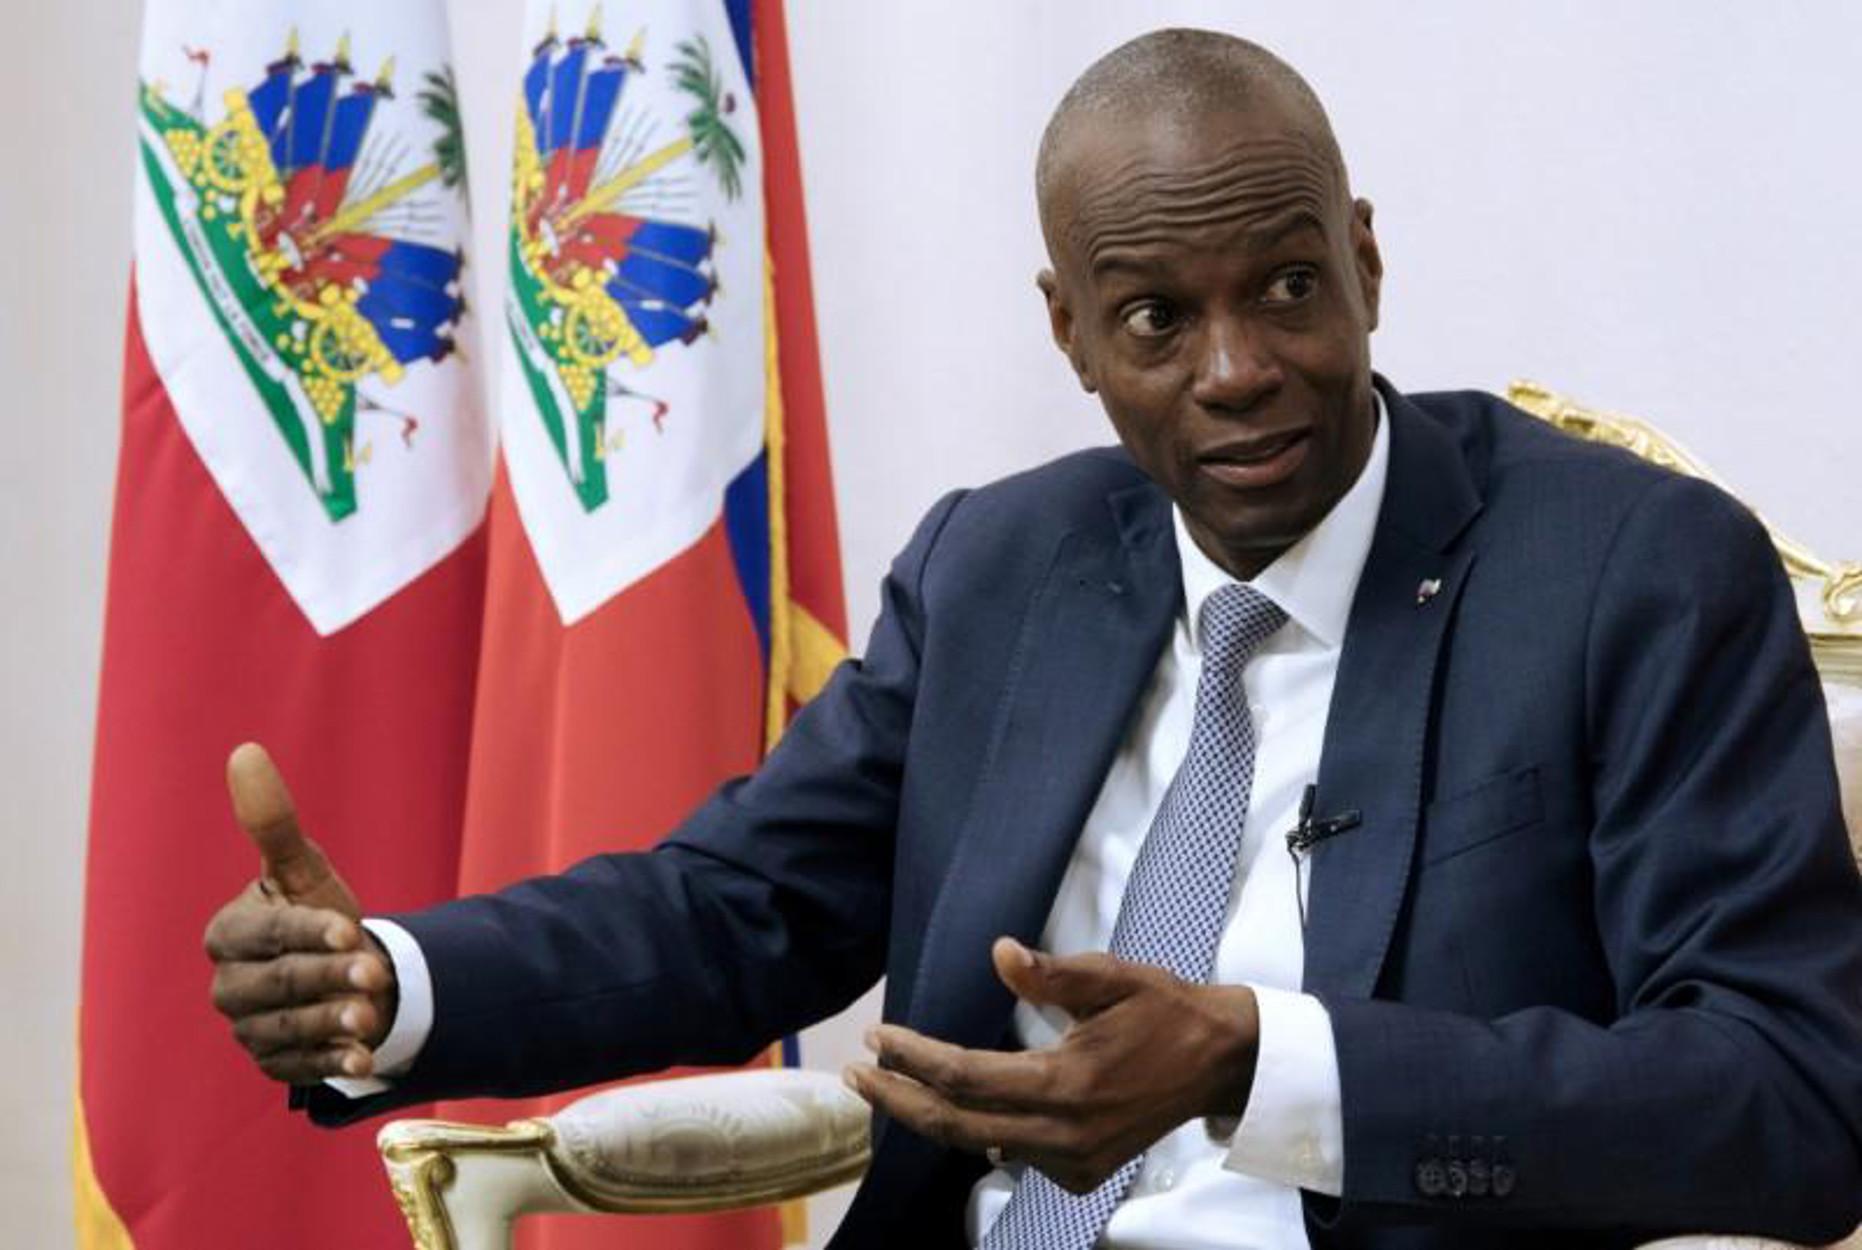 Αϊτή: Σκότωσαν τον πρόεδρο της χώρας